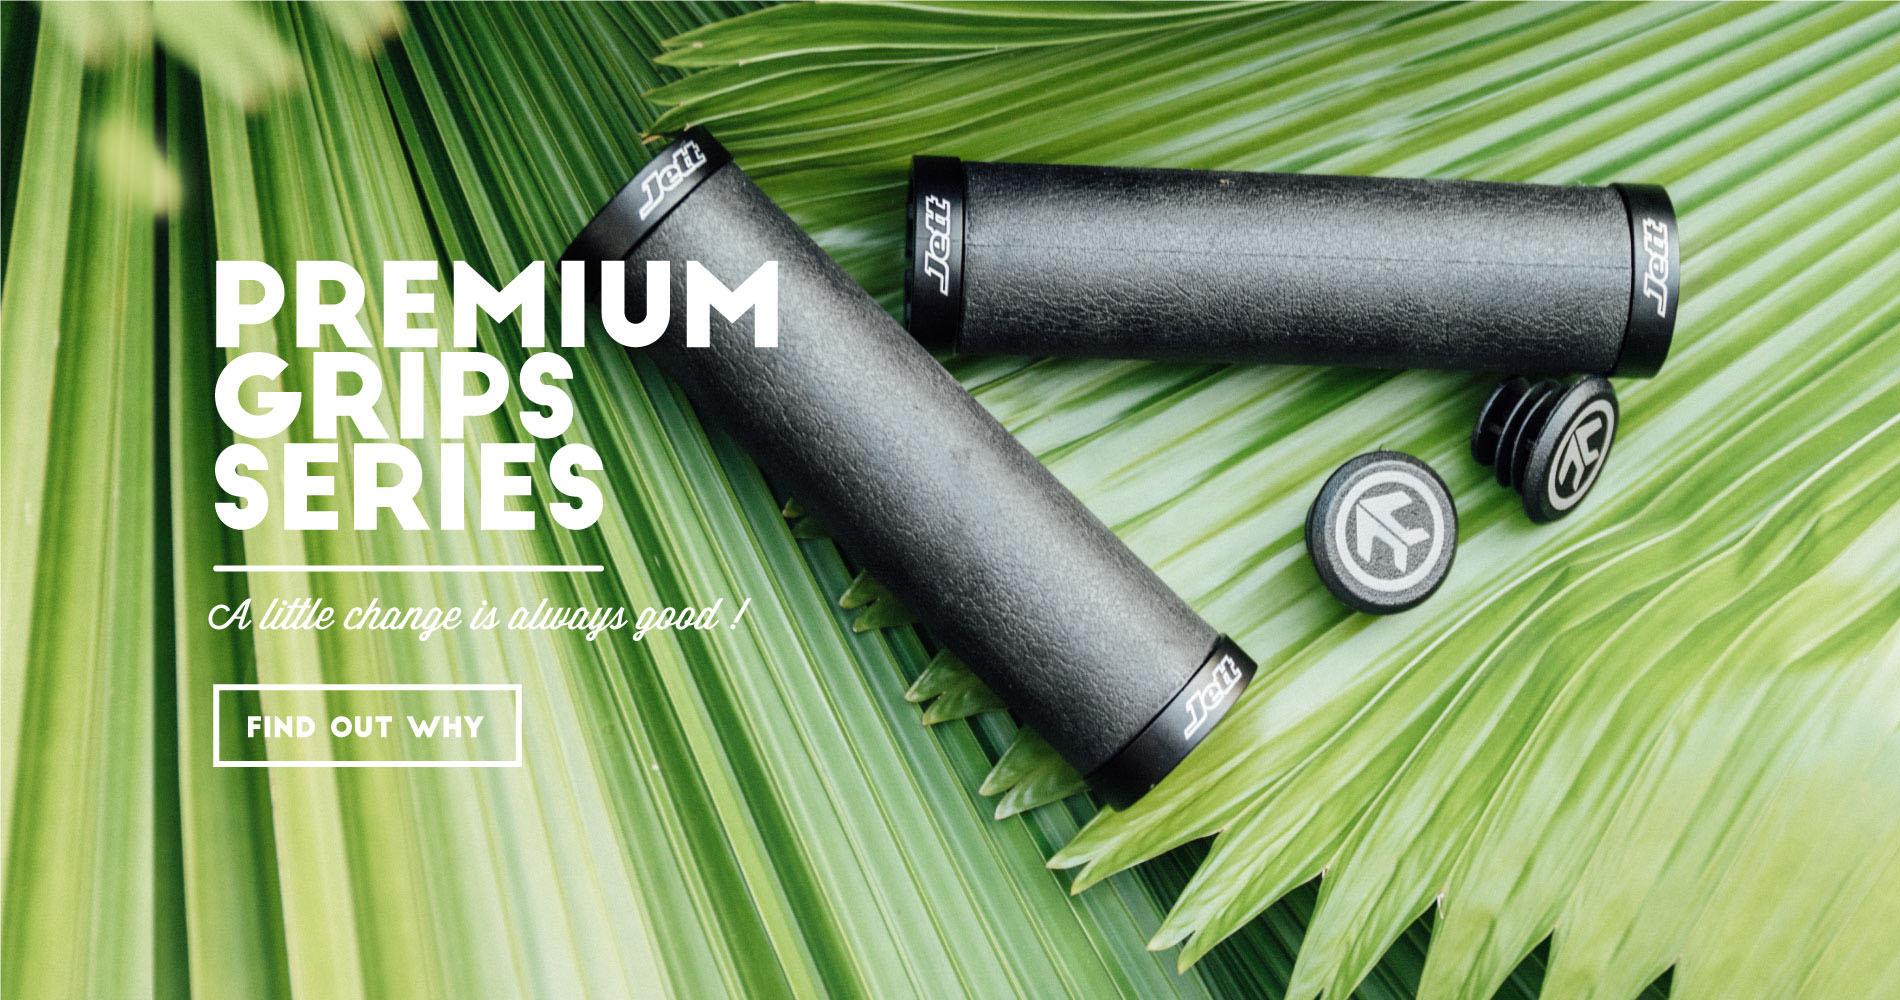 Premium Grips